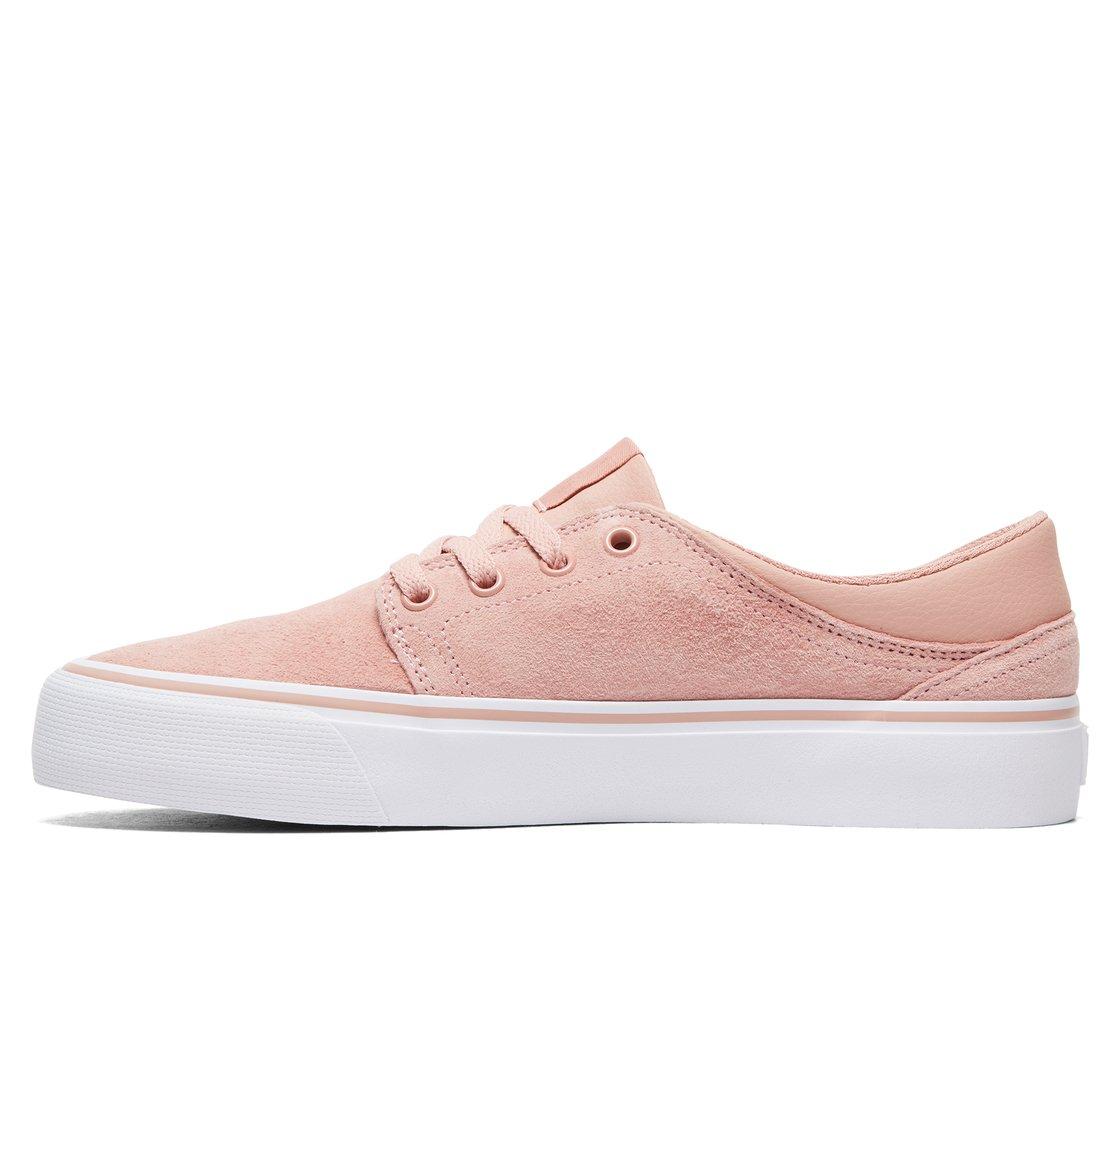 DC Zapatos™ Trase Trase Trase LE - Zapatillas de cuero para Mujer ADJS300145 fc66b2